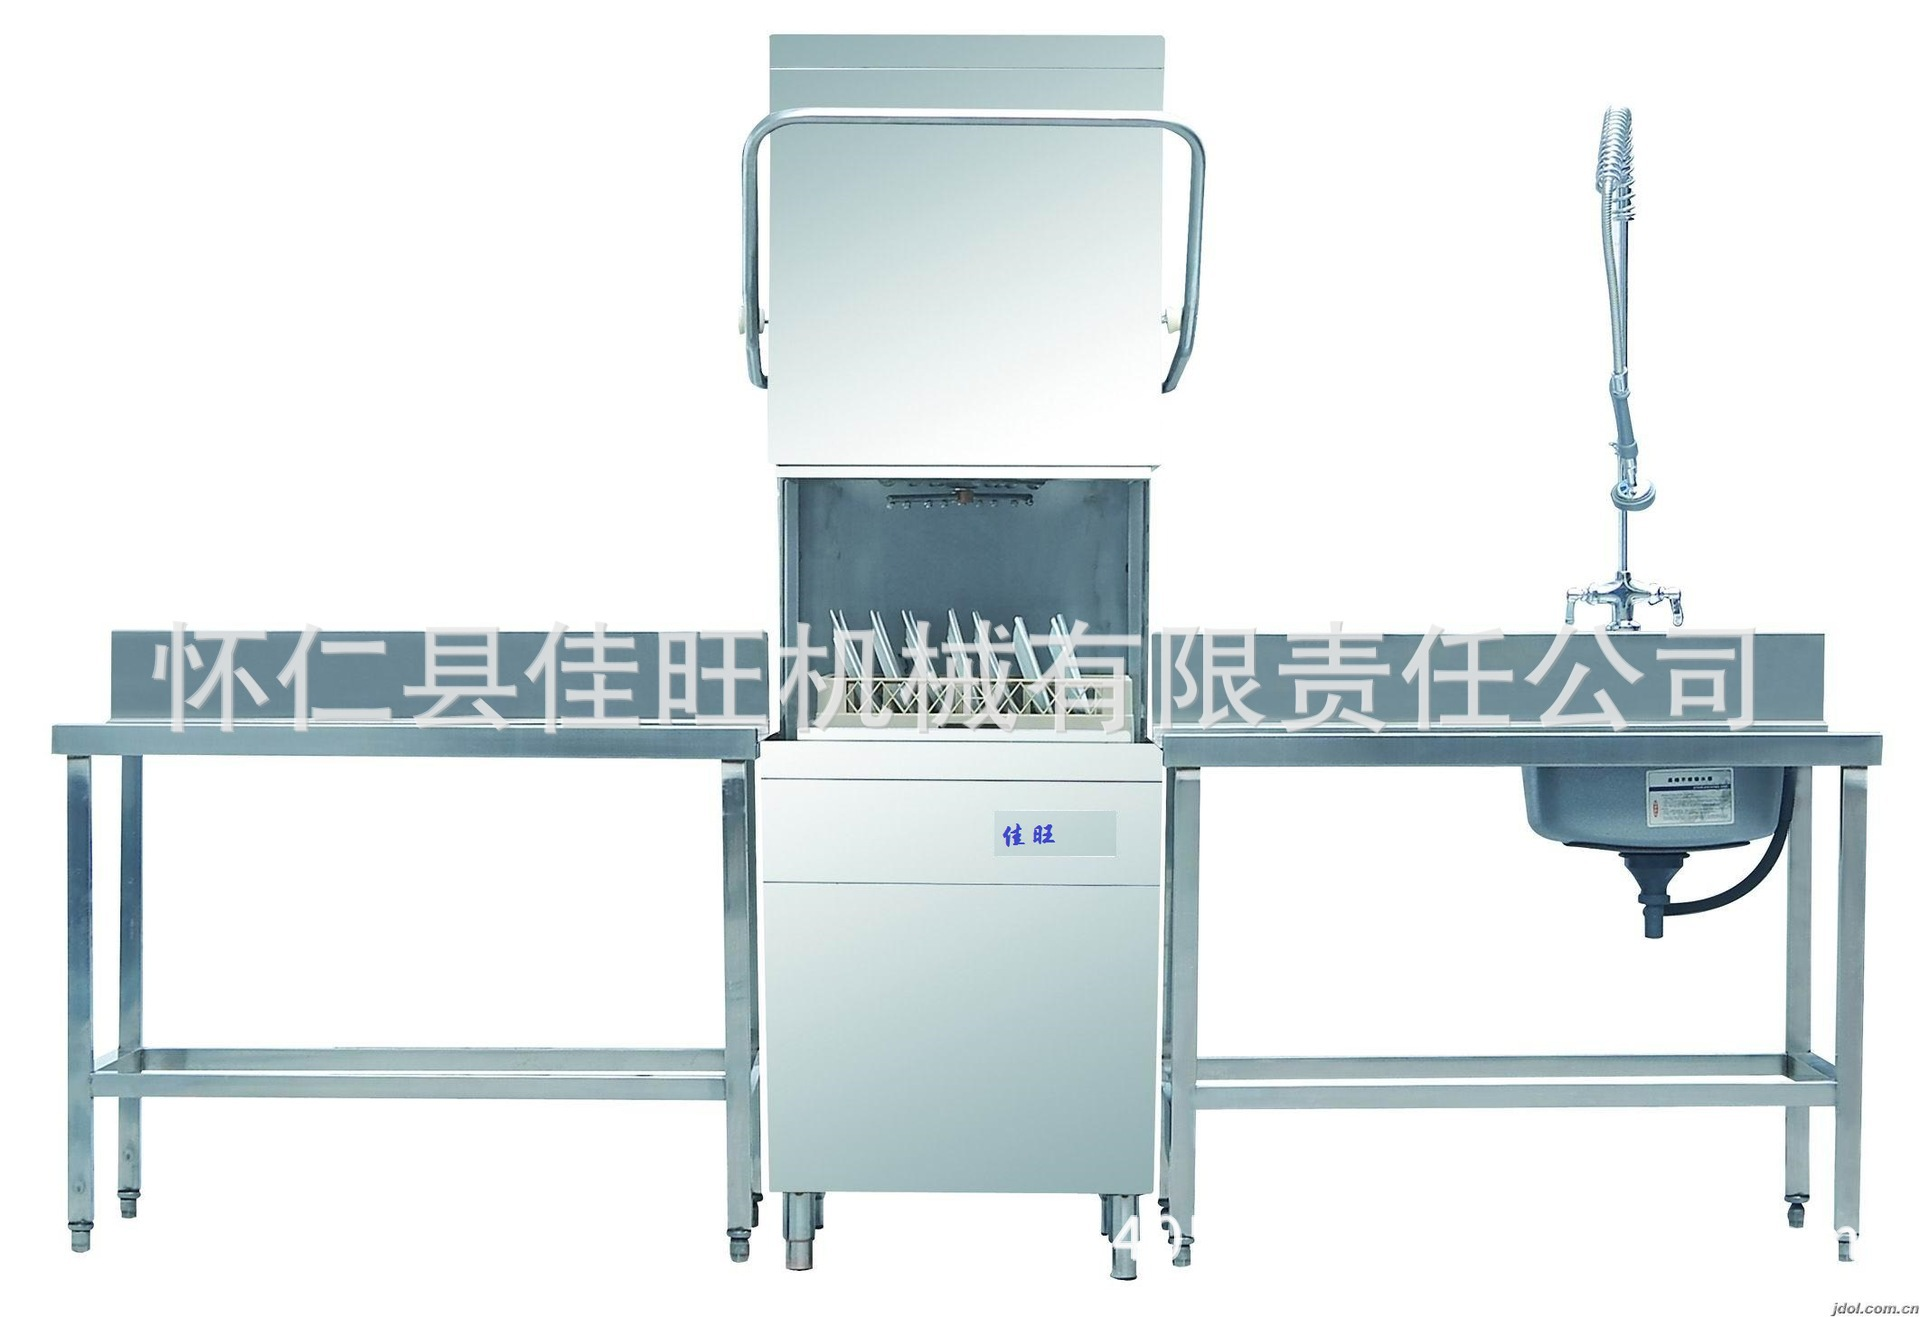 Máy rửa chén  Commercial dishwashing machines, commercial dishwashing equipment, kitchen supplies